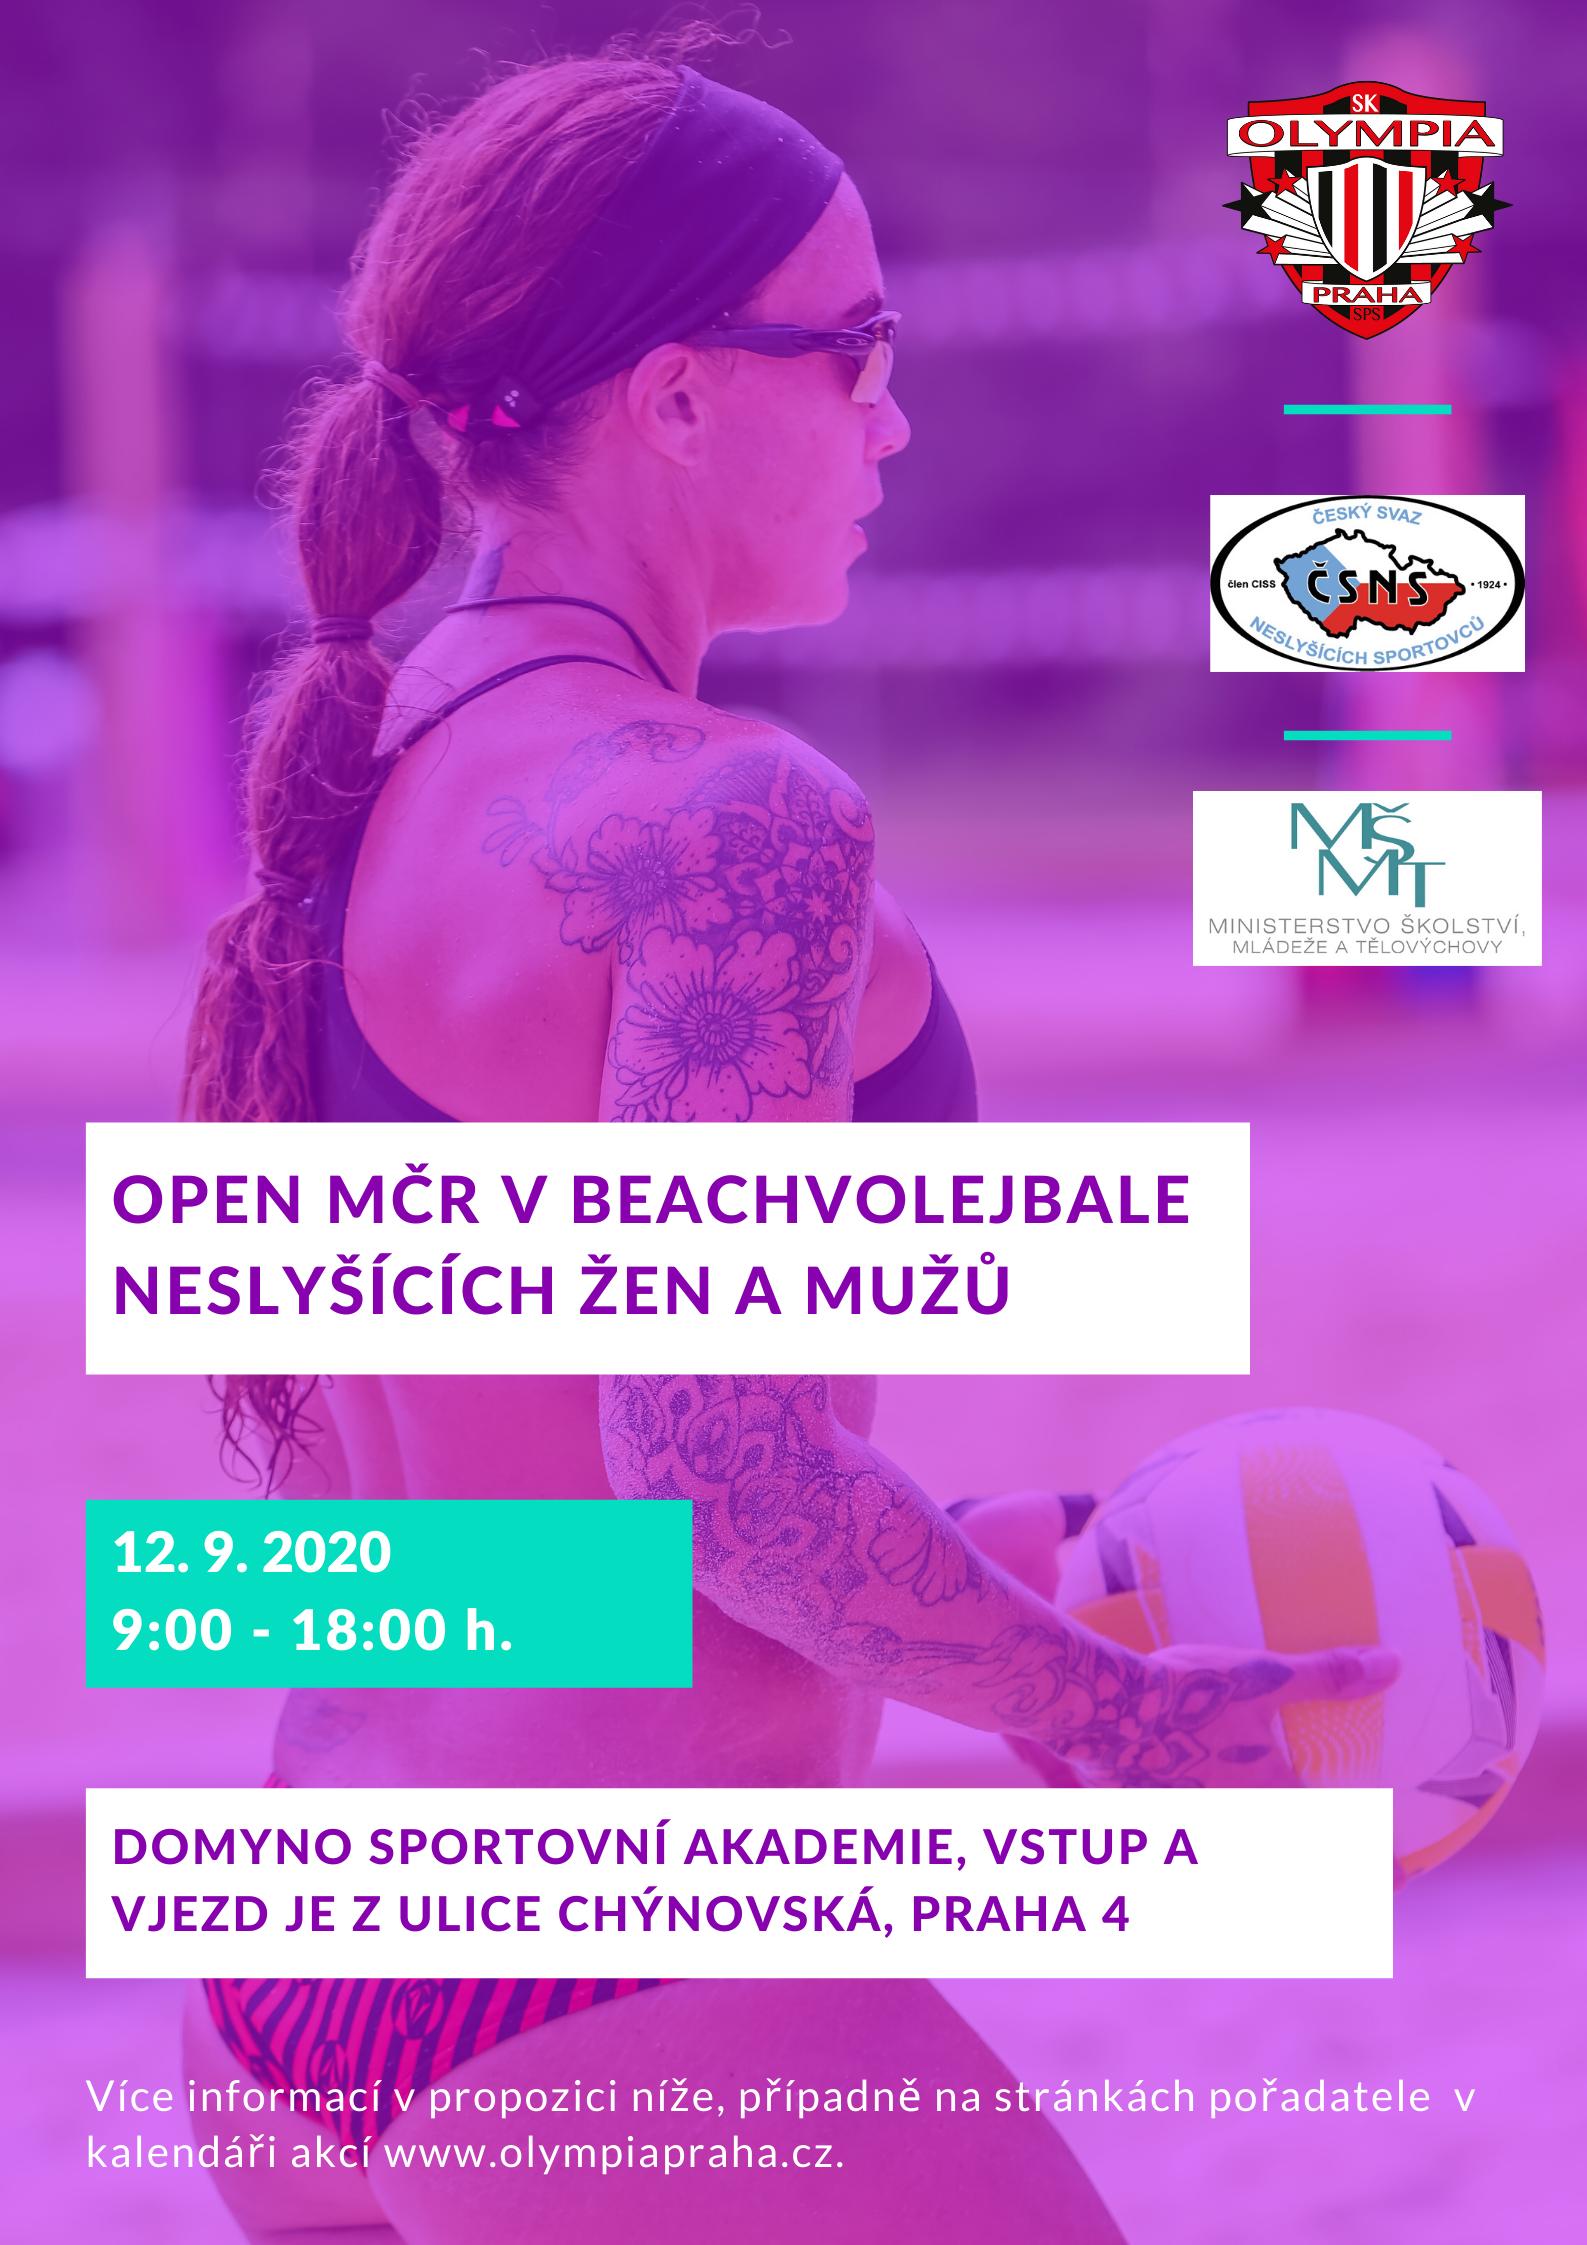 Open MČR v beachvolejbale neslyšících žen a mužů(4)